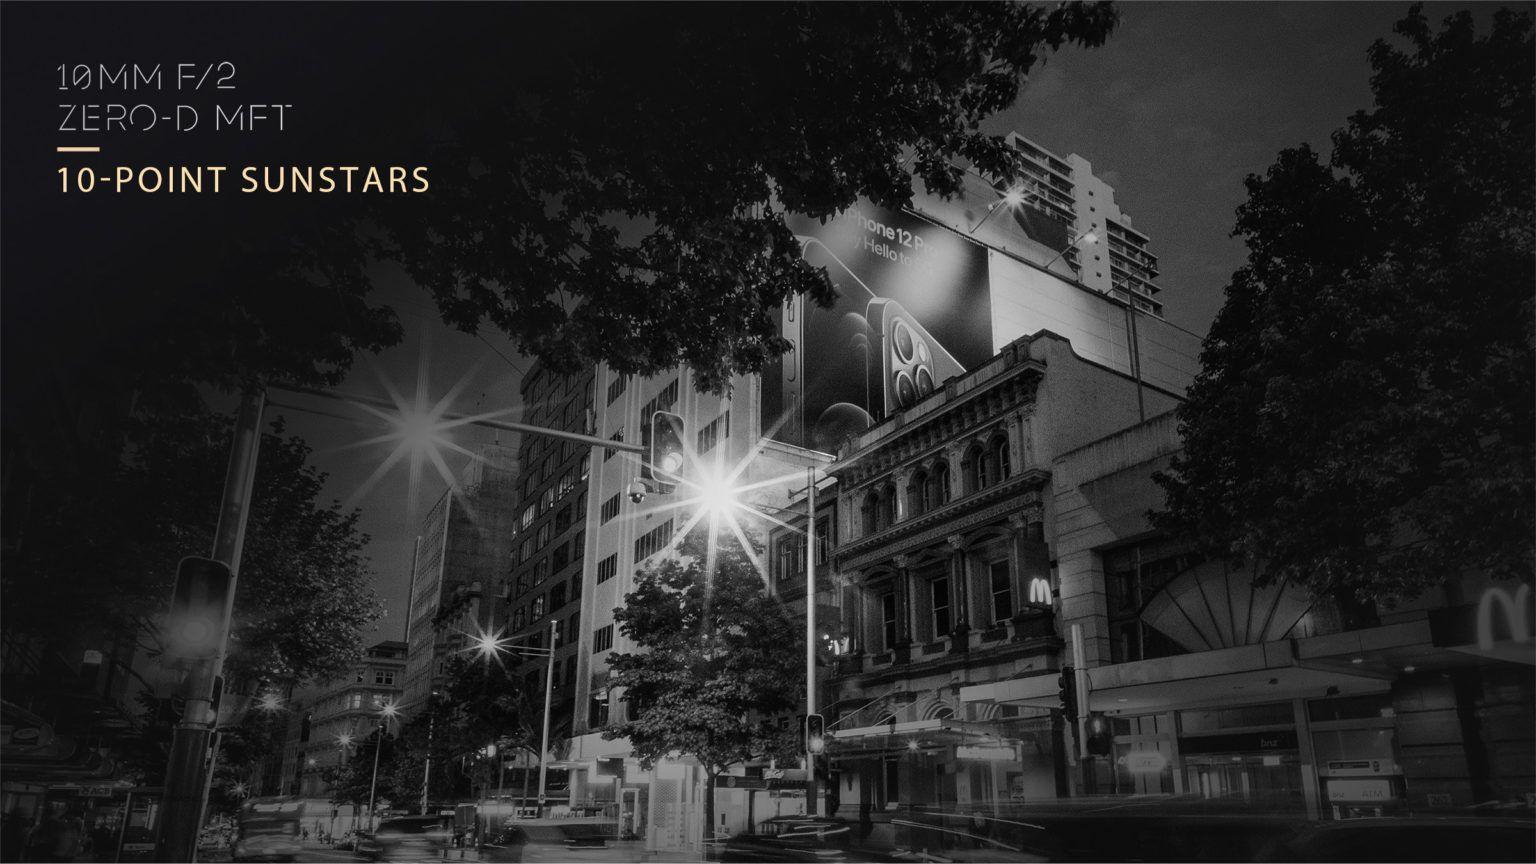 Десятилучевые звезды получаются из точечных источников при съемке на объектив Laowa 10mm f/2 Zero-D MFT